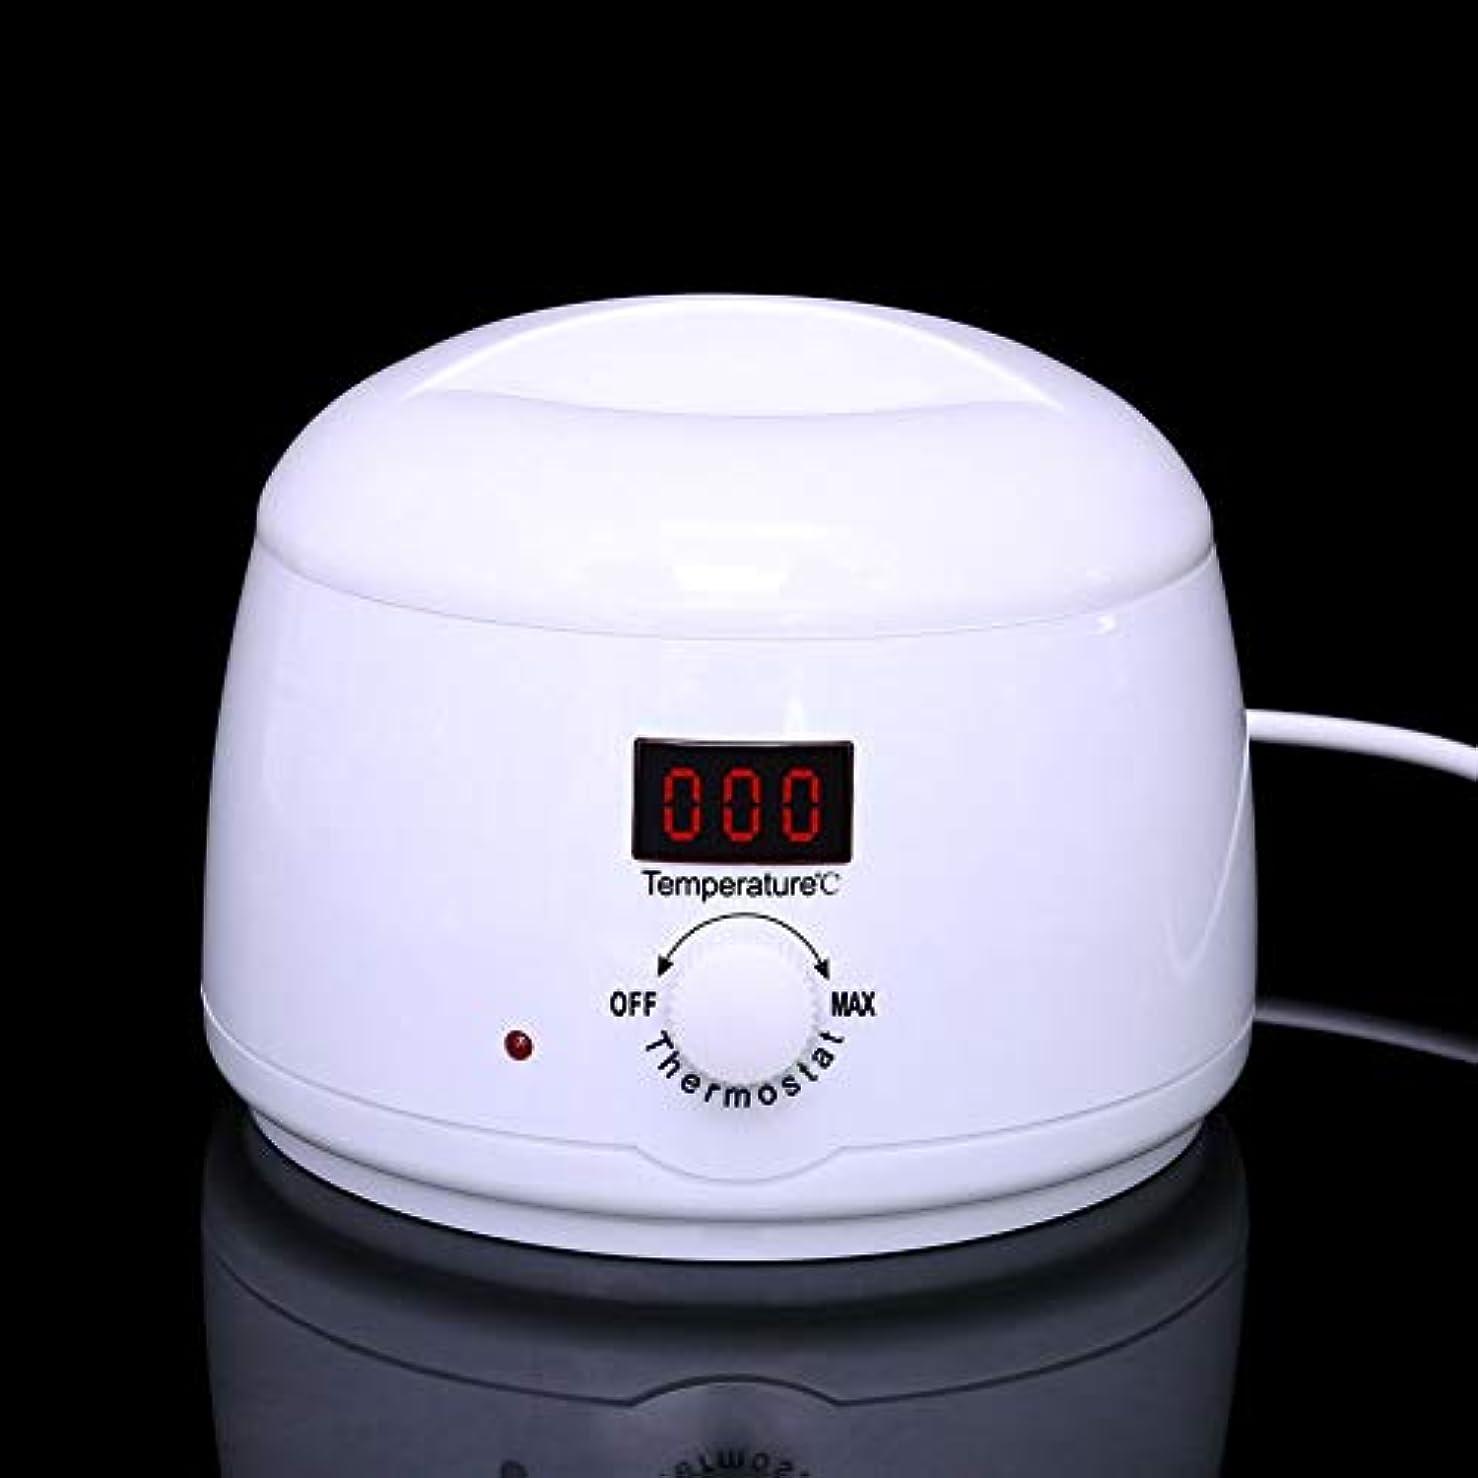 強調する弁護人分配します調節可能な温度のワックスマシン、女性および男性500CCのための多機能の家のワックスが付いている毛の取り外しのための専門の電気ワックスのウォーマーのヒーターのメルター